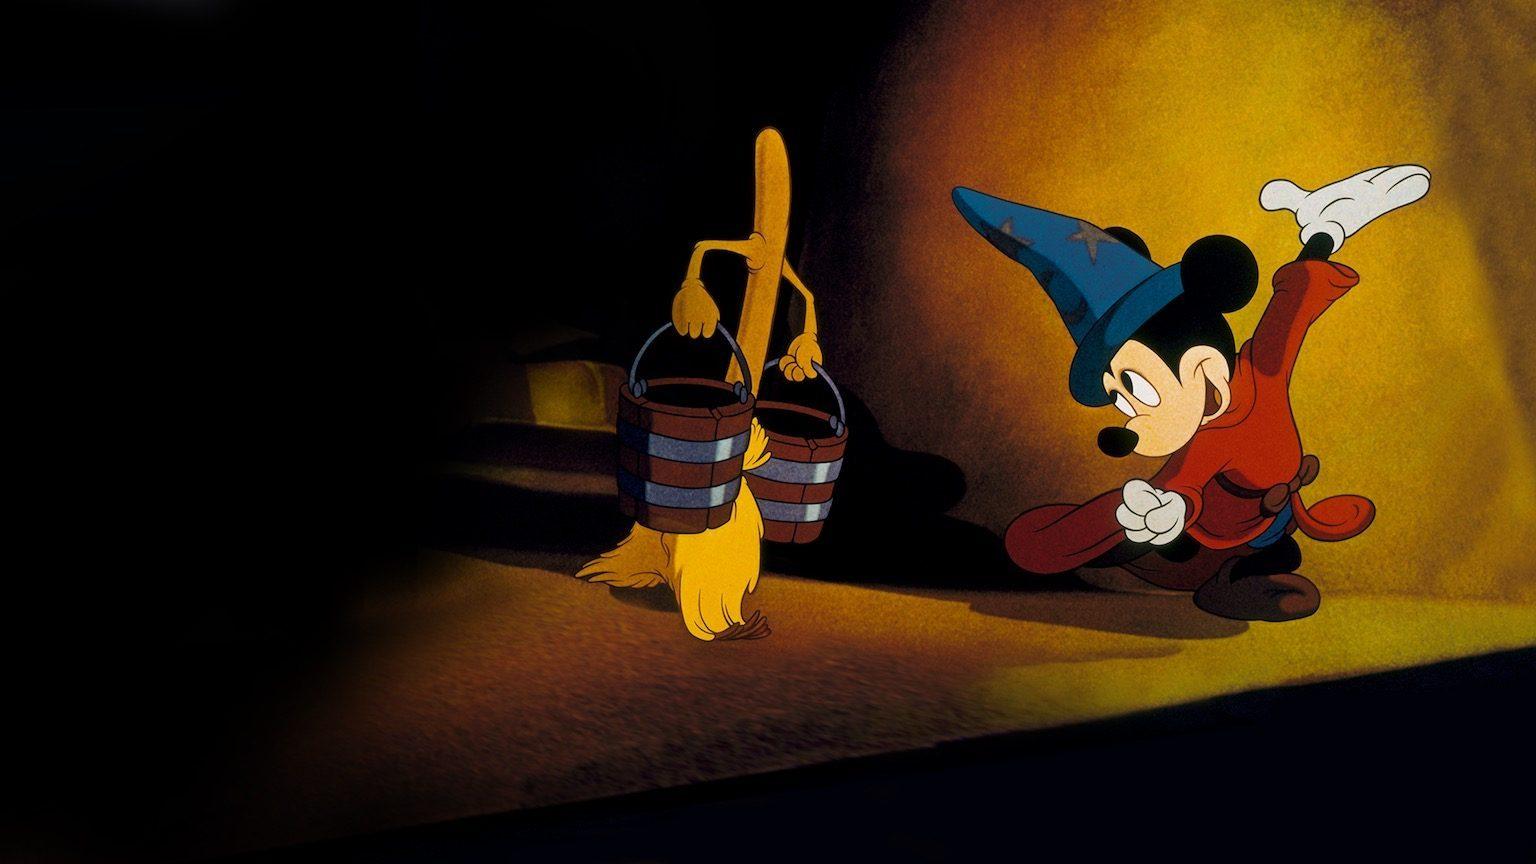 Disney Fantasia Mickey Mouse